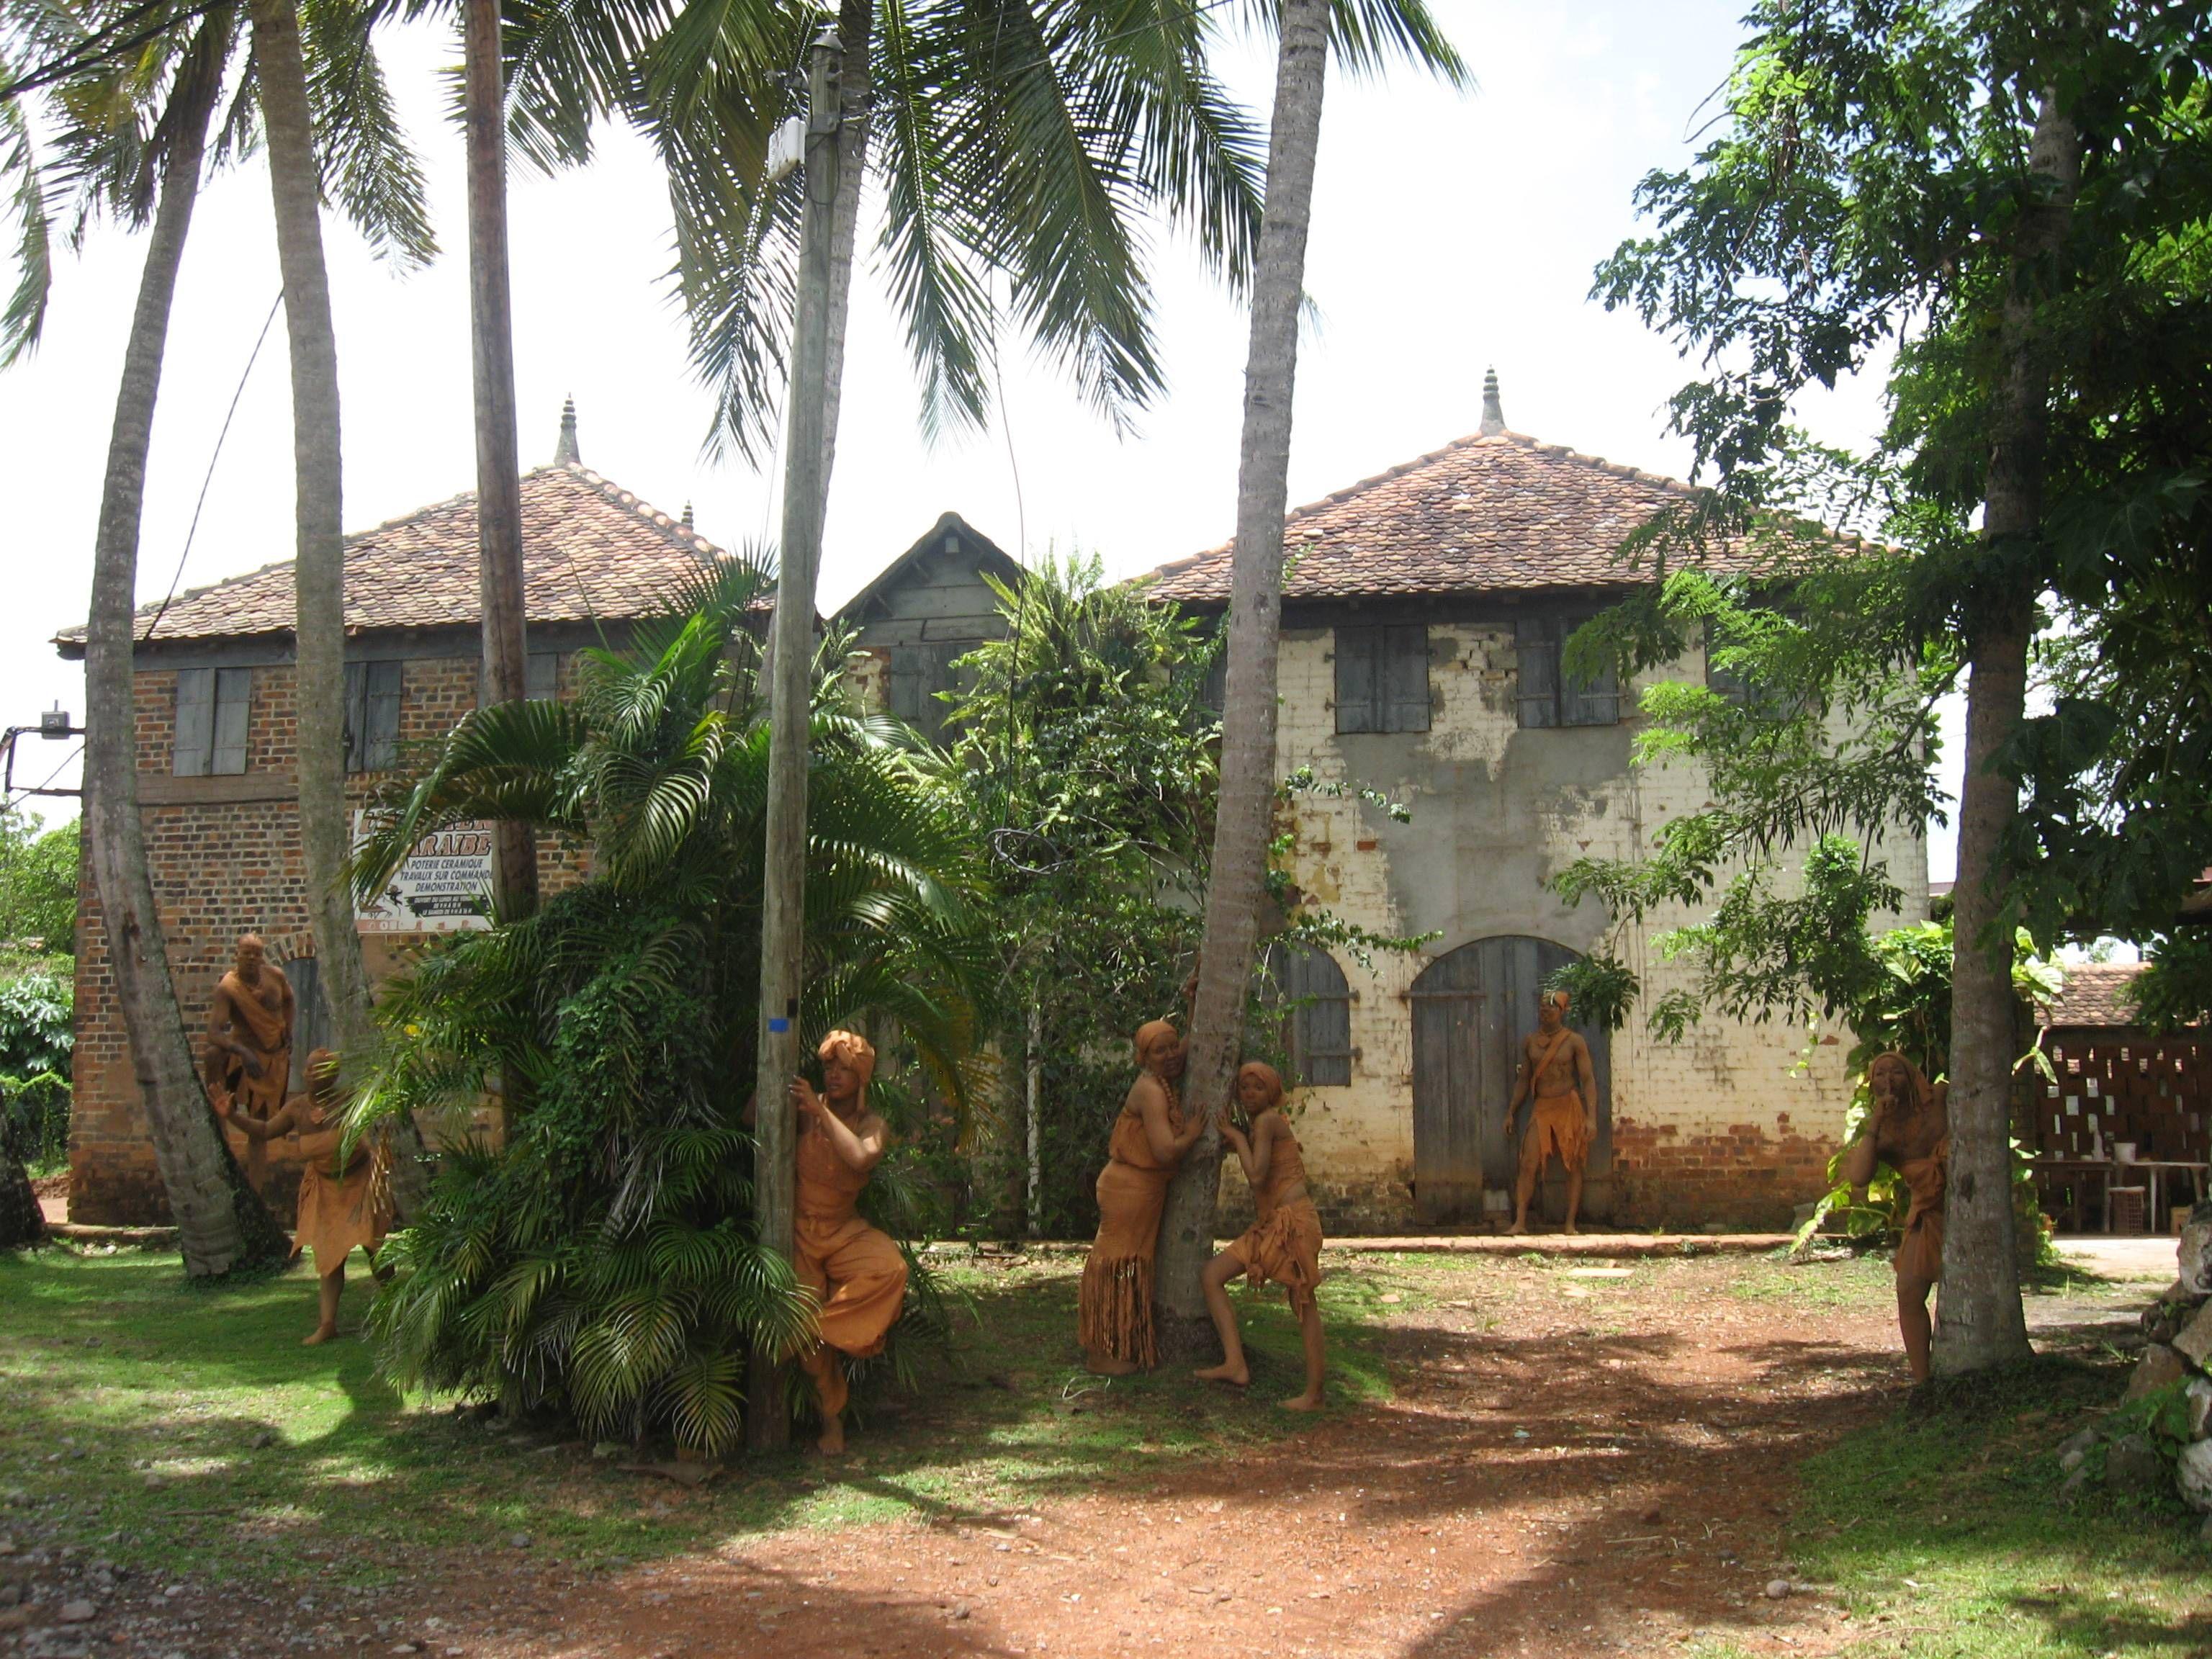 Le village de la poterie maison jardin artisanat d for Jardin west palm